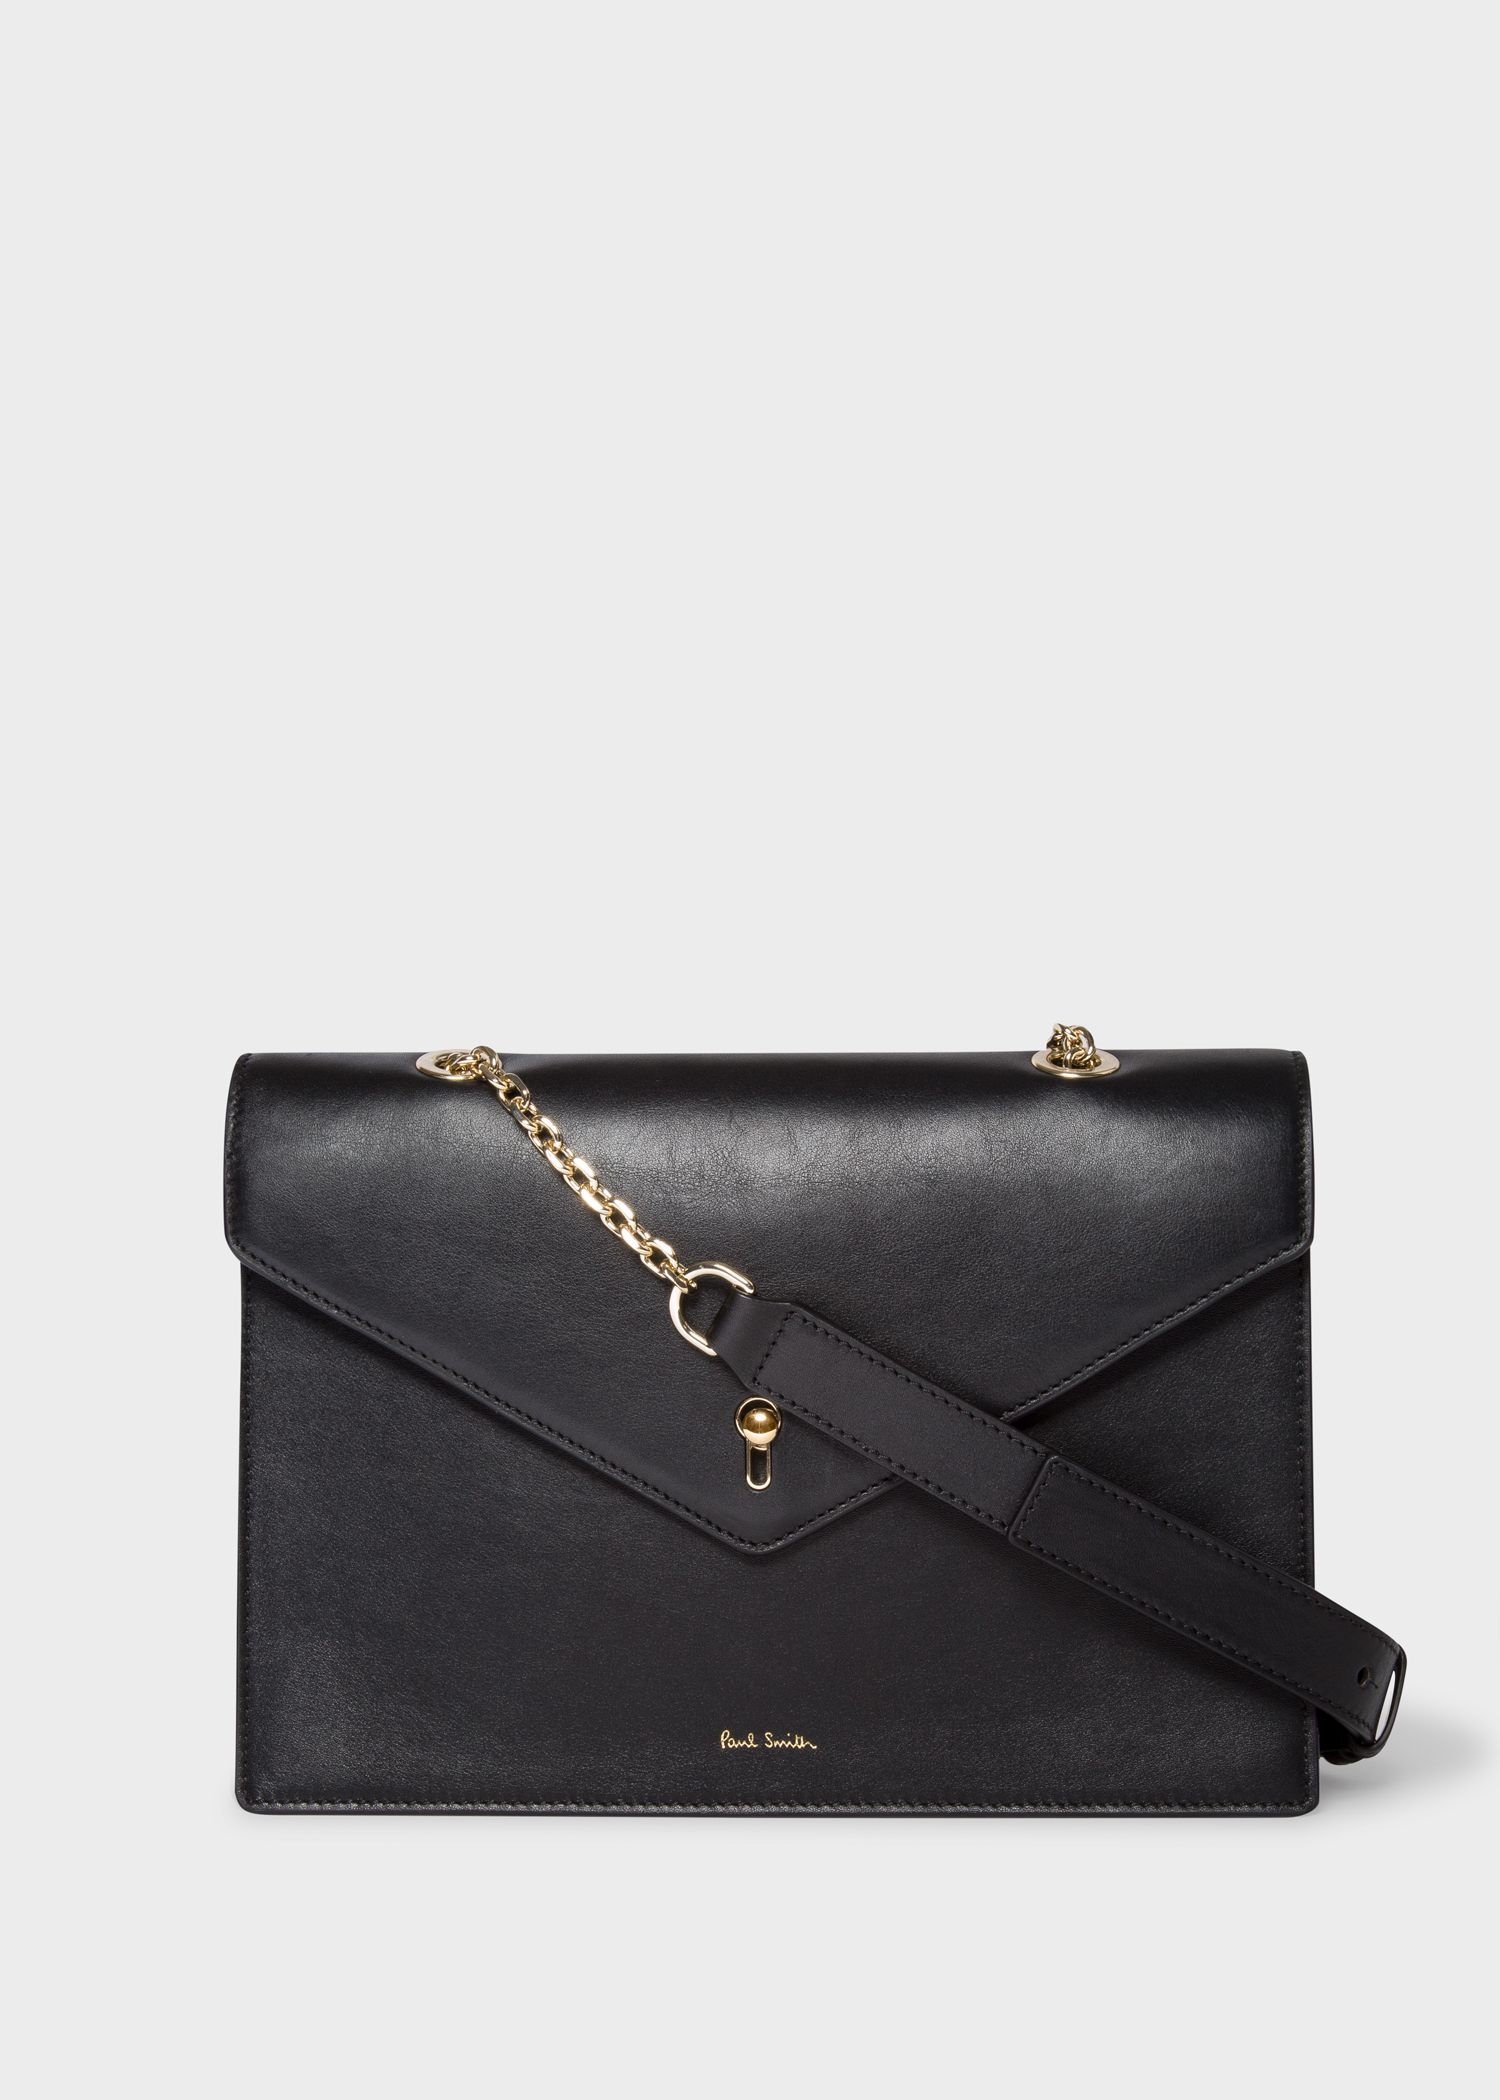 01e102916146 Front view - Women s Black Leather Envelope Shoulder Bag Paul Smith